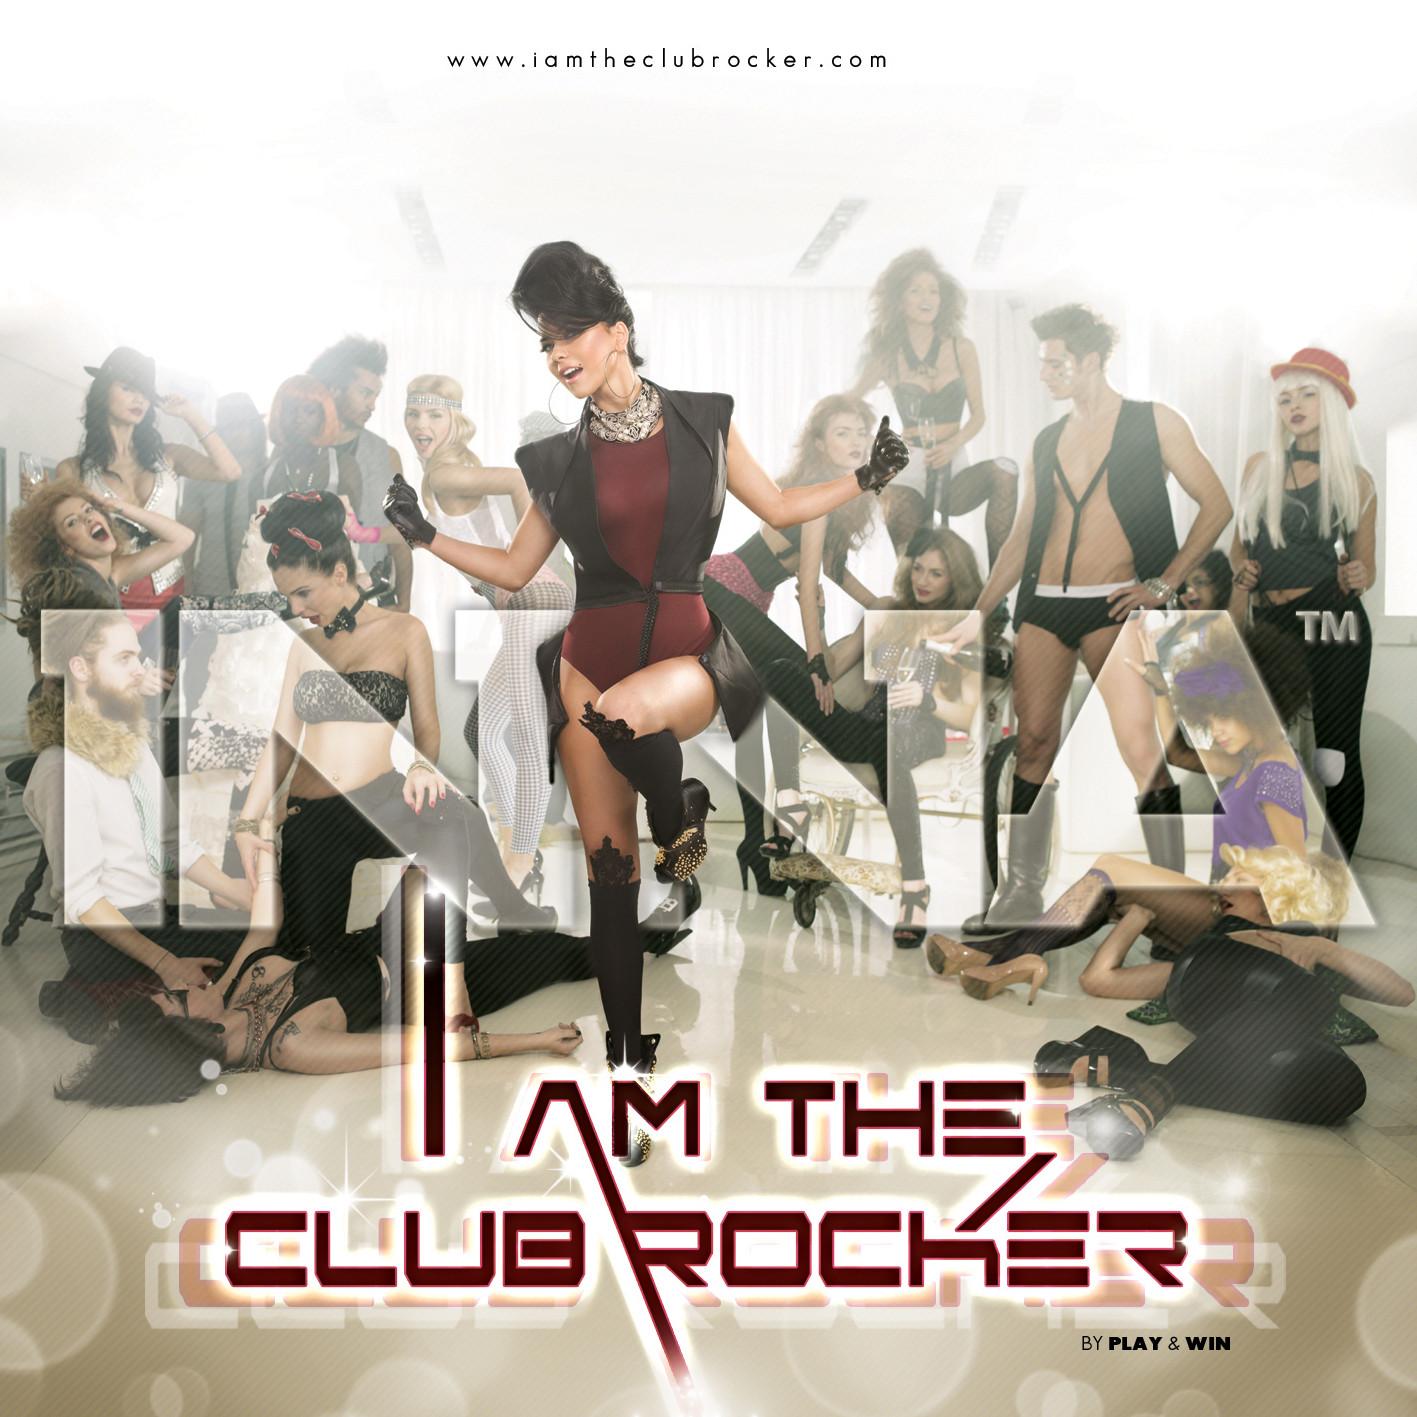 http://1.bp.blogspot.com/-4euTOaZQMZs/Tx9Adj6fk-I/AAAAAAAABEs/jvrUBzOFIuA/s1600/Inna+-+I+Am+The+Club+Rocker.jpg